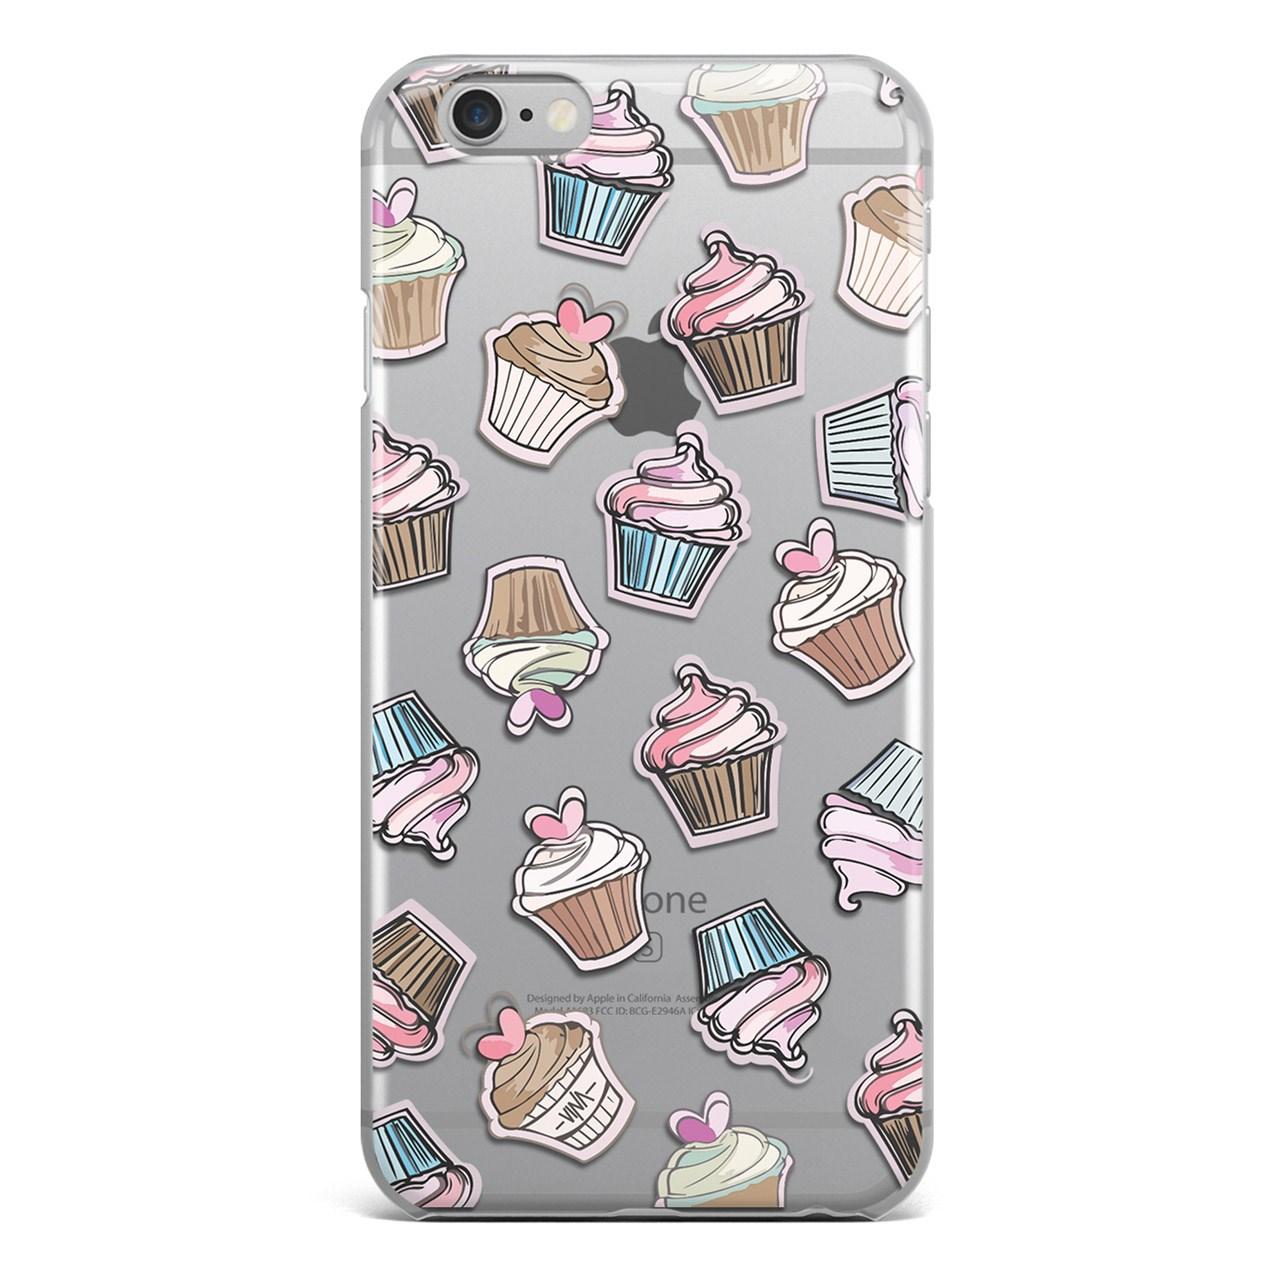 کاور سخت  مدل Cupcake مناسب برای گوشی موبایل آیفون6plus  و 6s plus